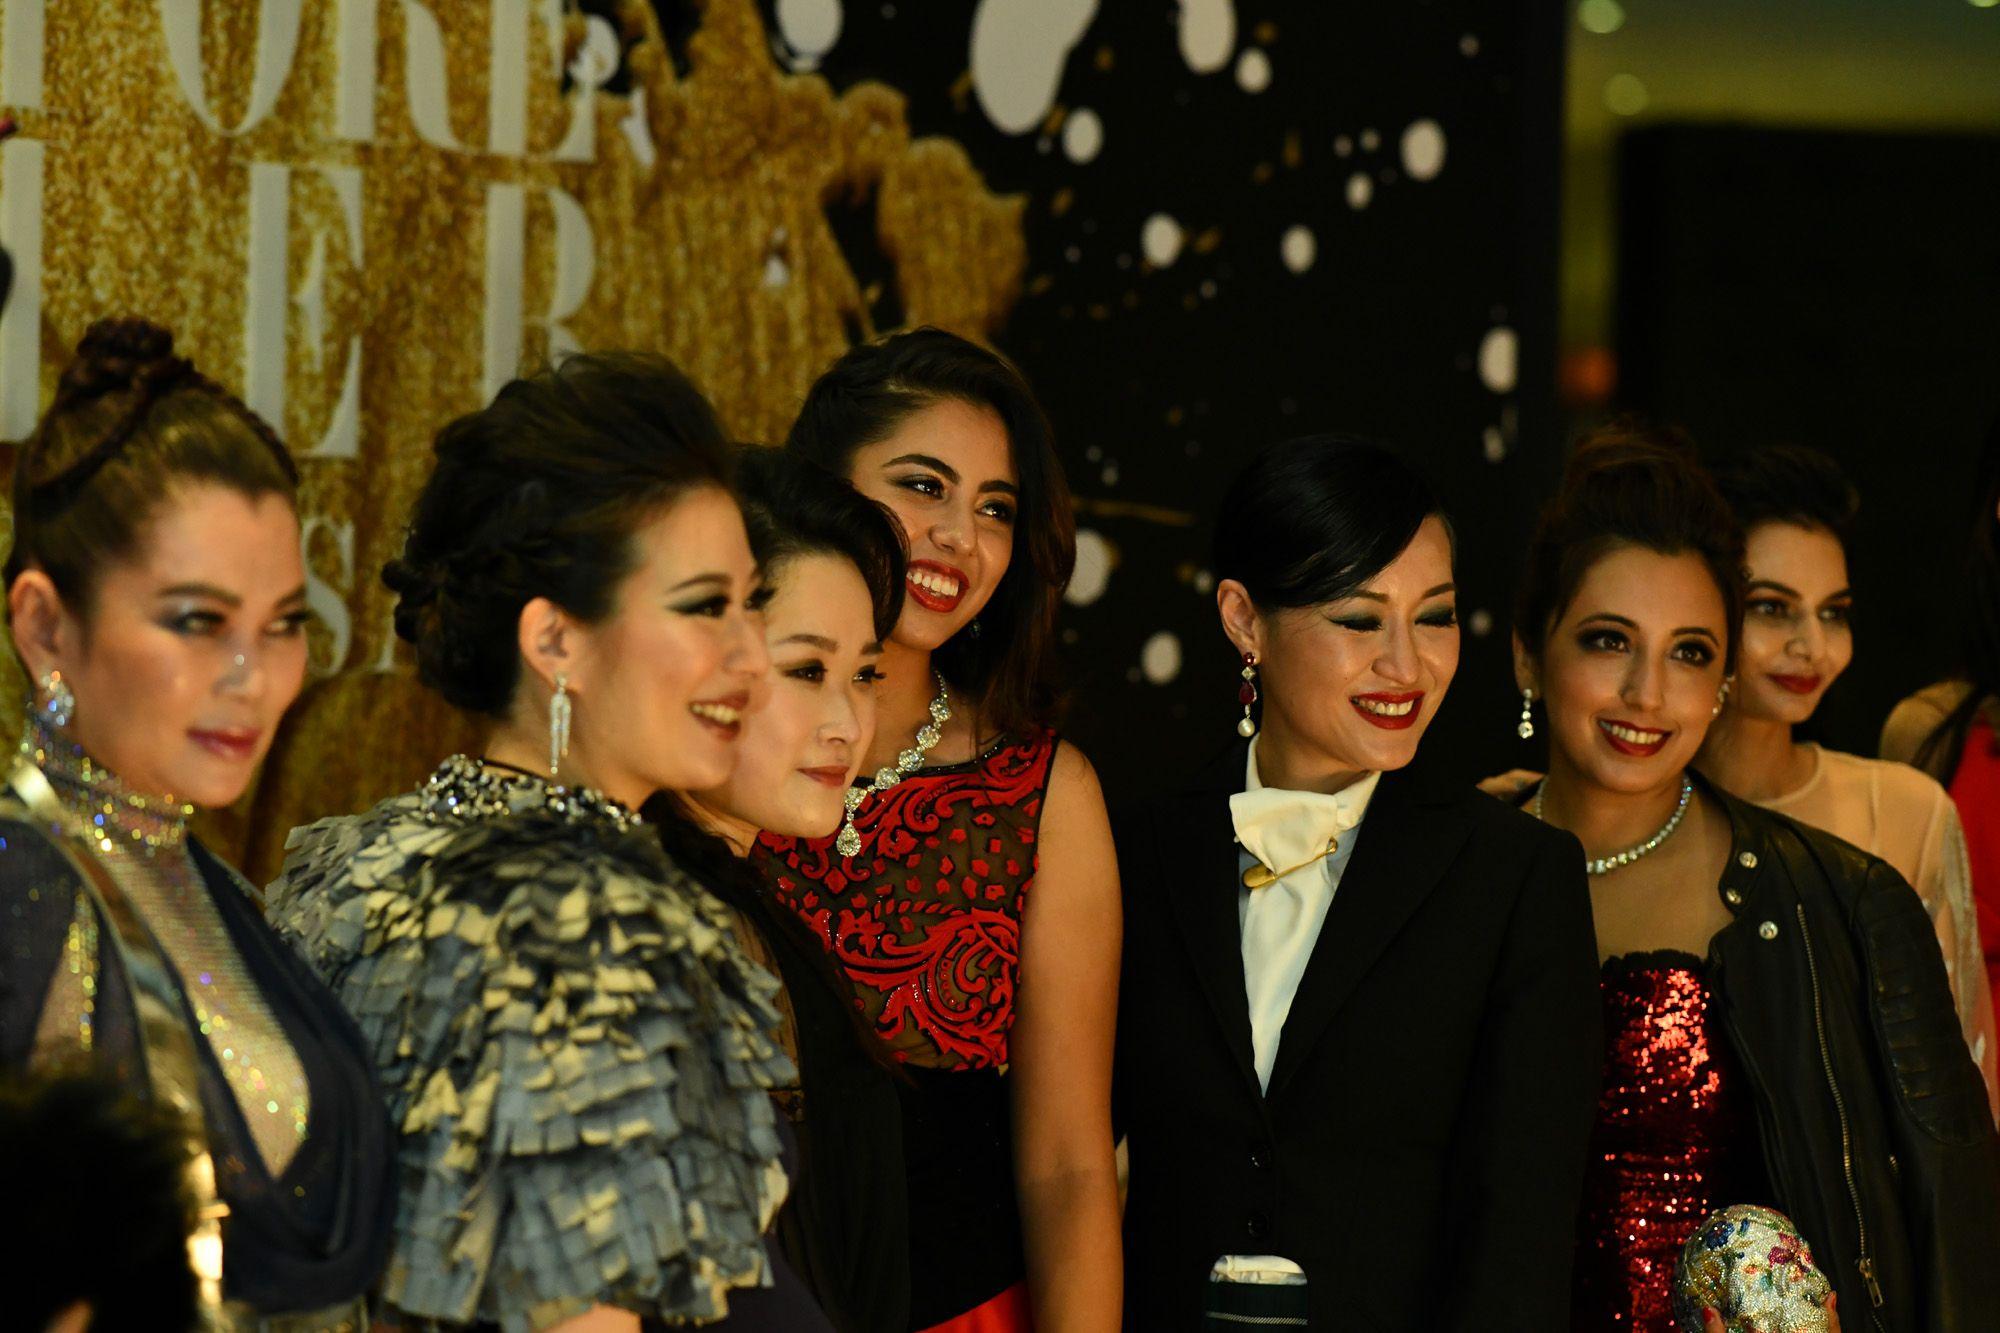 Susanna Kang, Stephanie Lee, Lam Tze Tze, Shaila Hiranandani, Nina Ng, Dimple Aswani, Shabnam Arashan